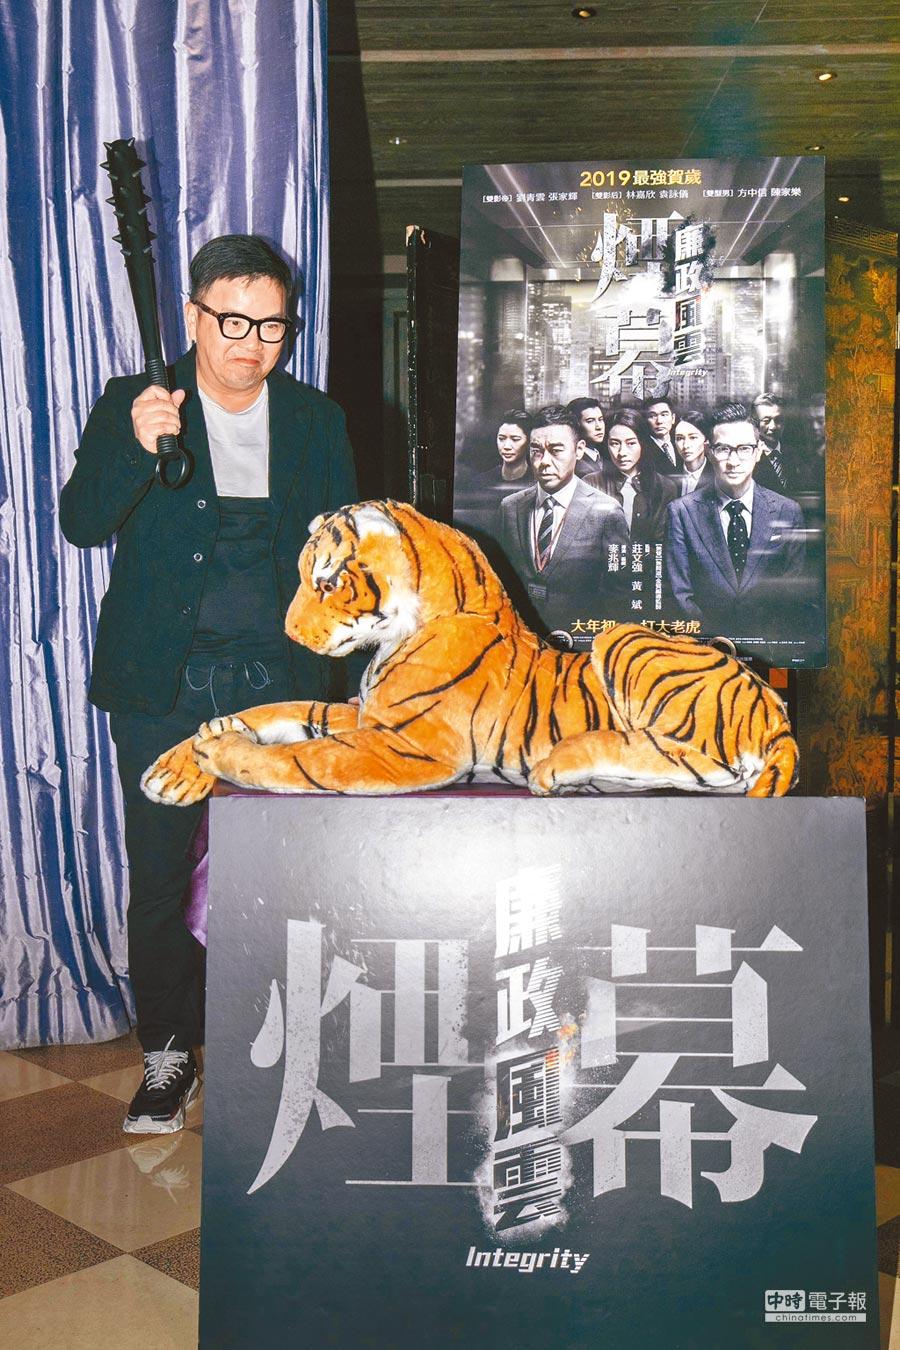 麥兆輝持狼牙棒,象徵電影「大年初一,打大老虎」。